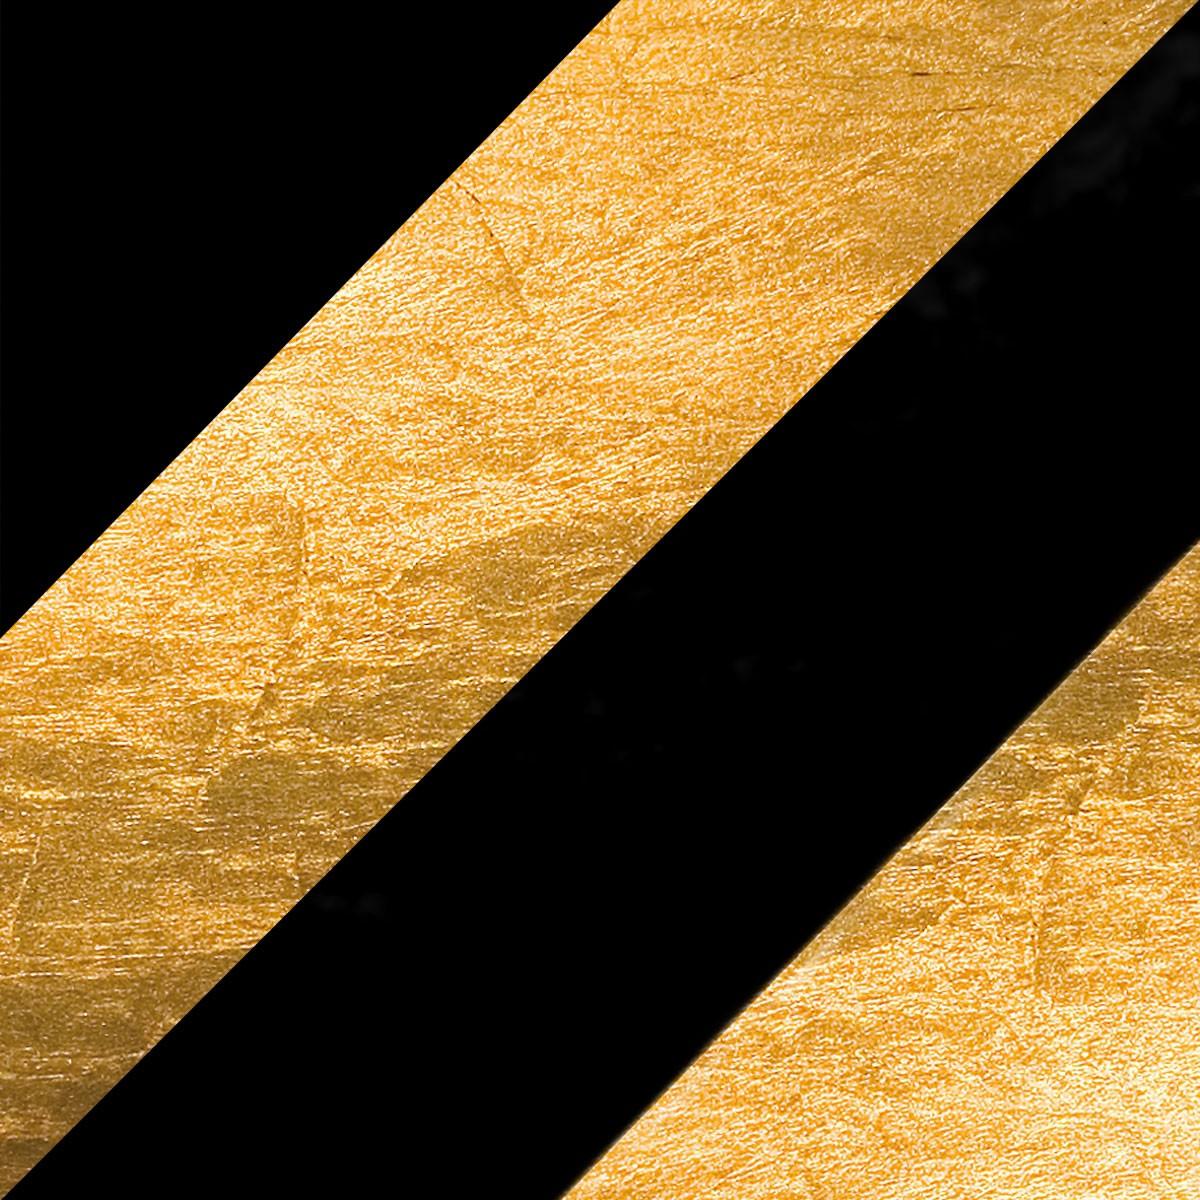 Catellani & Smith Lederam C180 Deckenleuchte, schwarz/Gold, Stange: schwarz, Scheibe: Gold